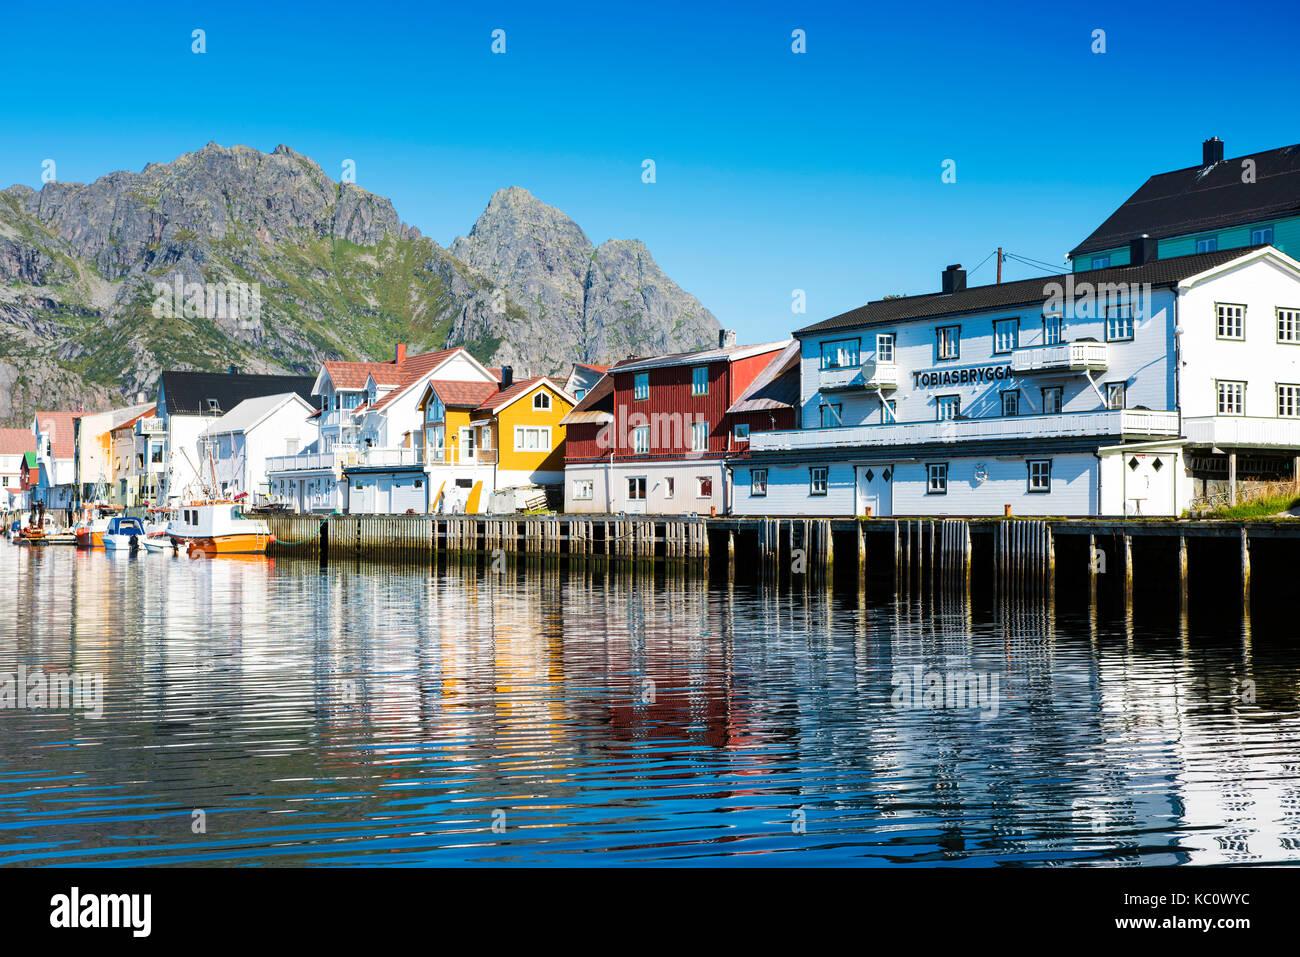 Il villaggio di pescatori di Henningsvaer, Lofoten, Norvegia Immagini Stock